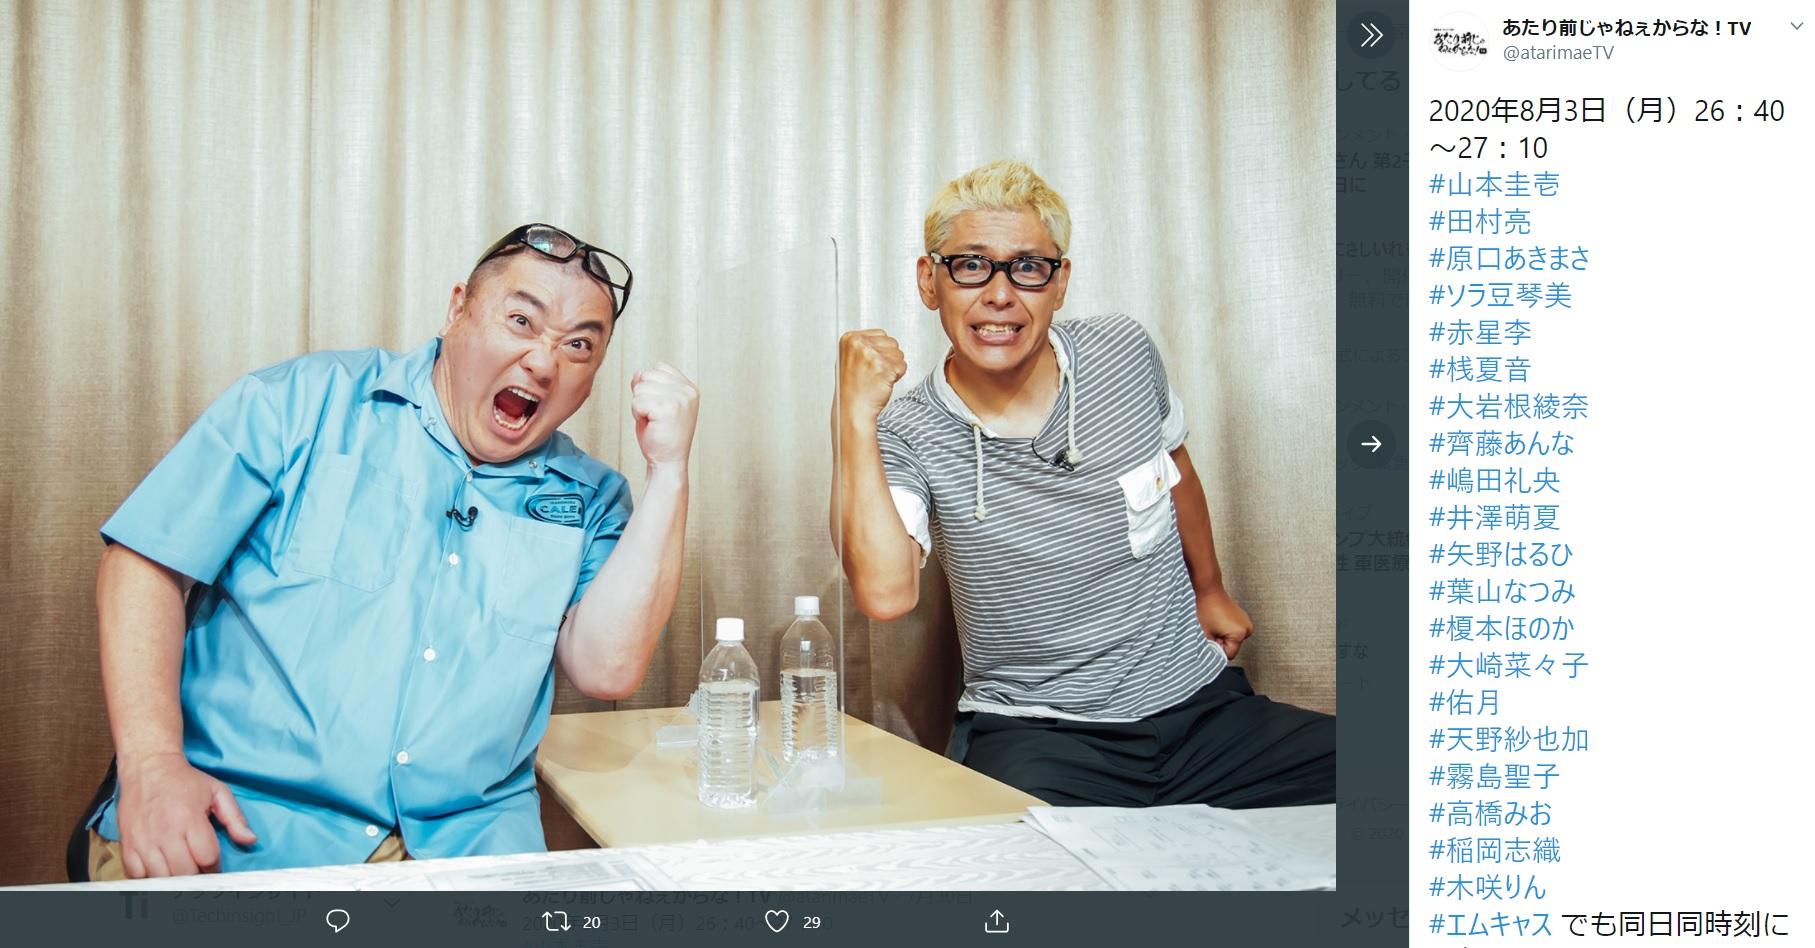 『あたり前じゃねえからな!TV』MCの山本圭壱と田村亮(画像は『あたり前じゃねぇからな!TV 2020年7月30日付Twitter「2020年8月3日(月)26:40~27:10」』のスクリーンショット)